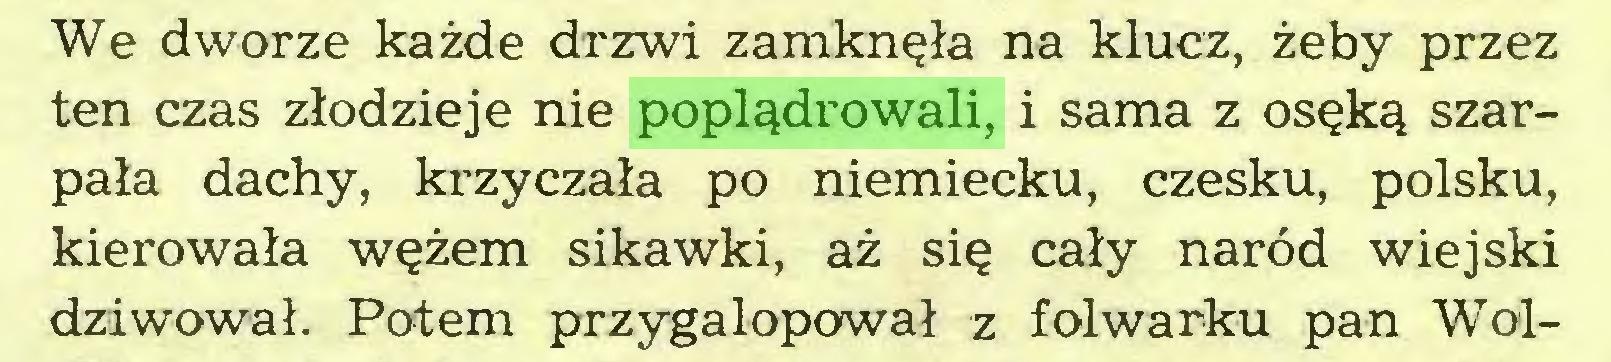 (...) We dworze każde drzwi zamknęła na klucz, żeby przez ten czas złodzieje nie poplądrowali, i sama z osęką szarpała dachy, krzyczała po niemiecku, czesku, polsku, kierowała wężem sikawki, aż się cały naród wiejski dziwował. Potem przygalopował z folwarku pan Wol...